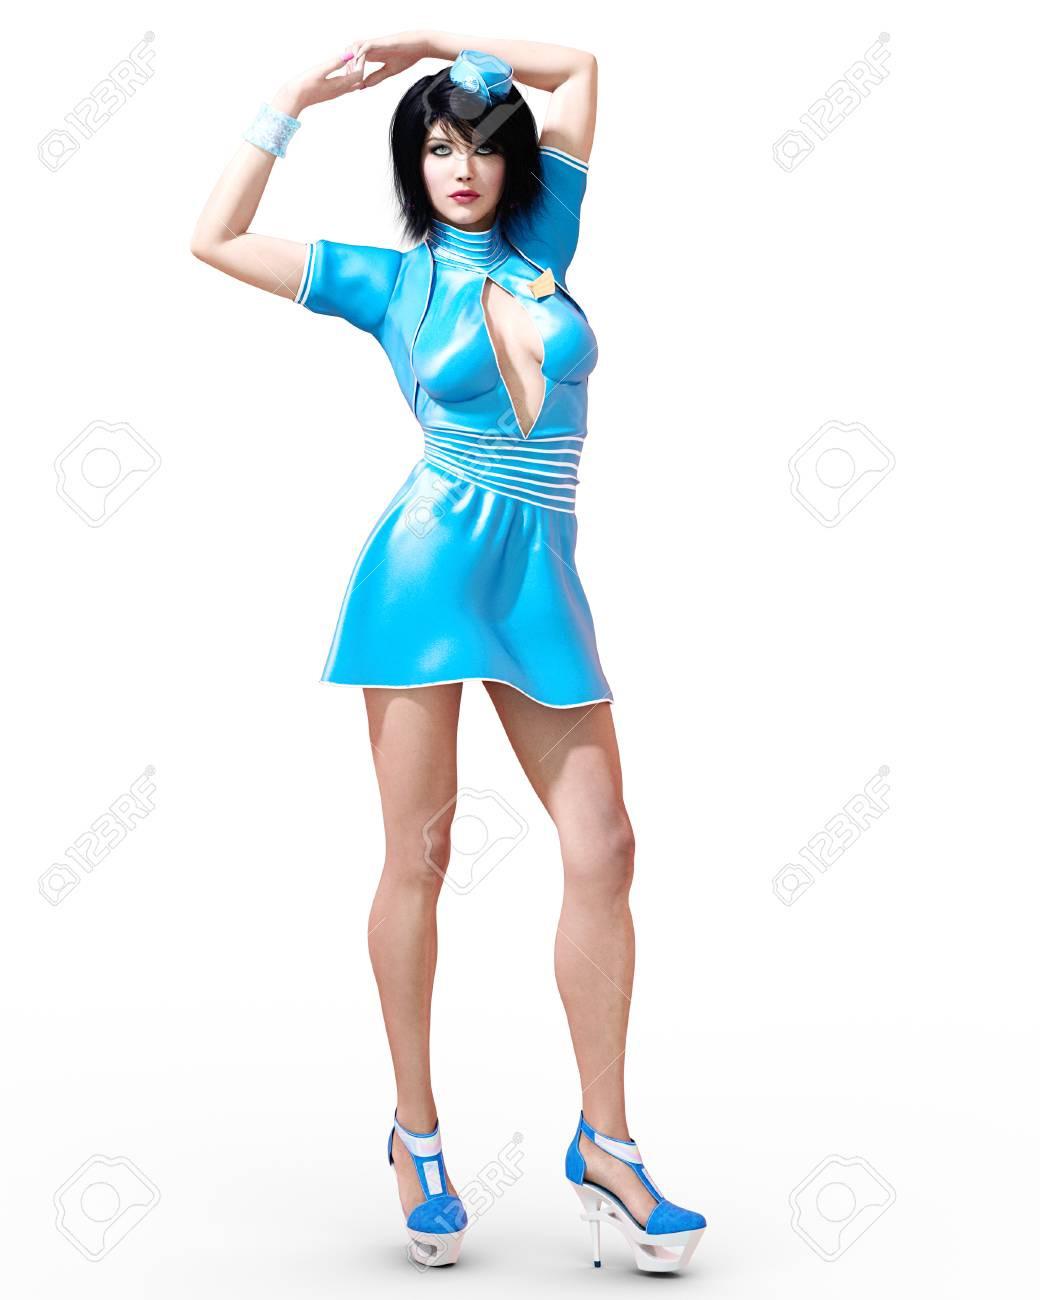 10 Luxus Kurzes Blaues Kleid Boutique Top Kurzes Blaues Kleid Galerie